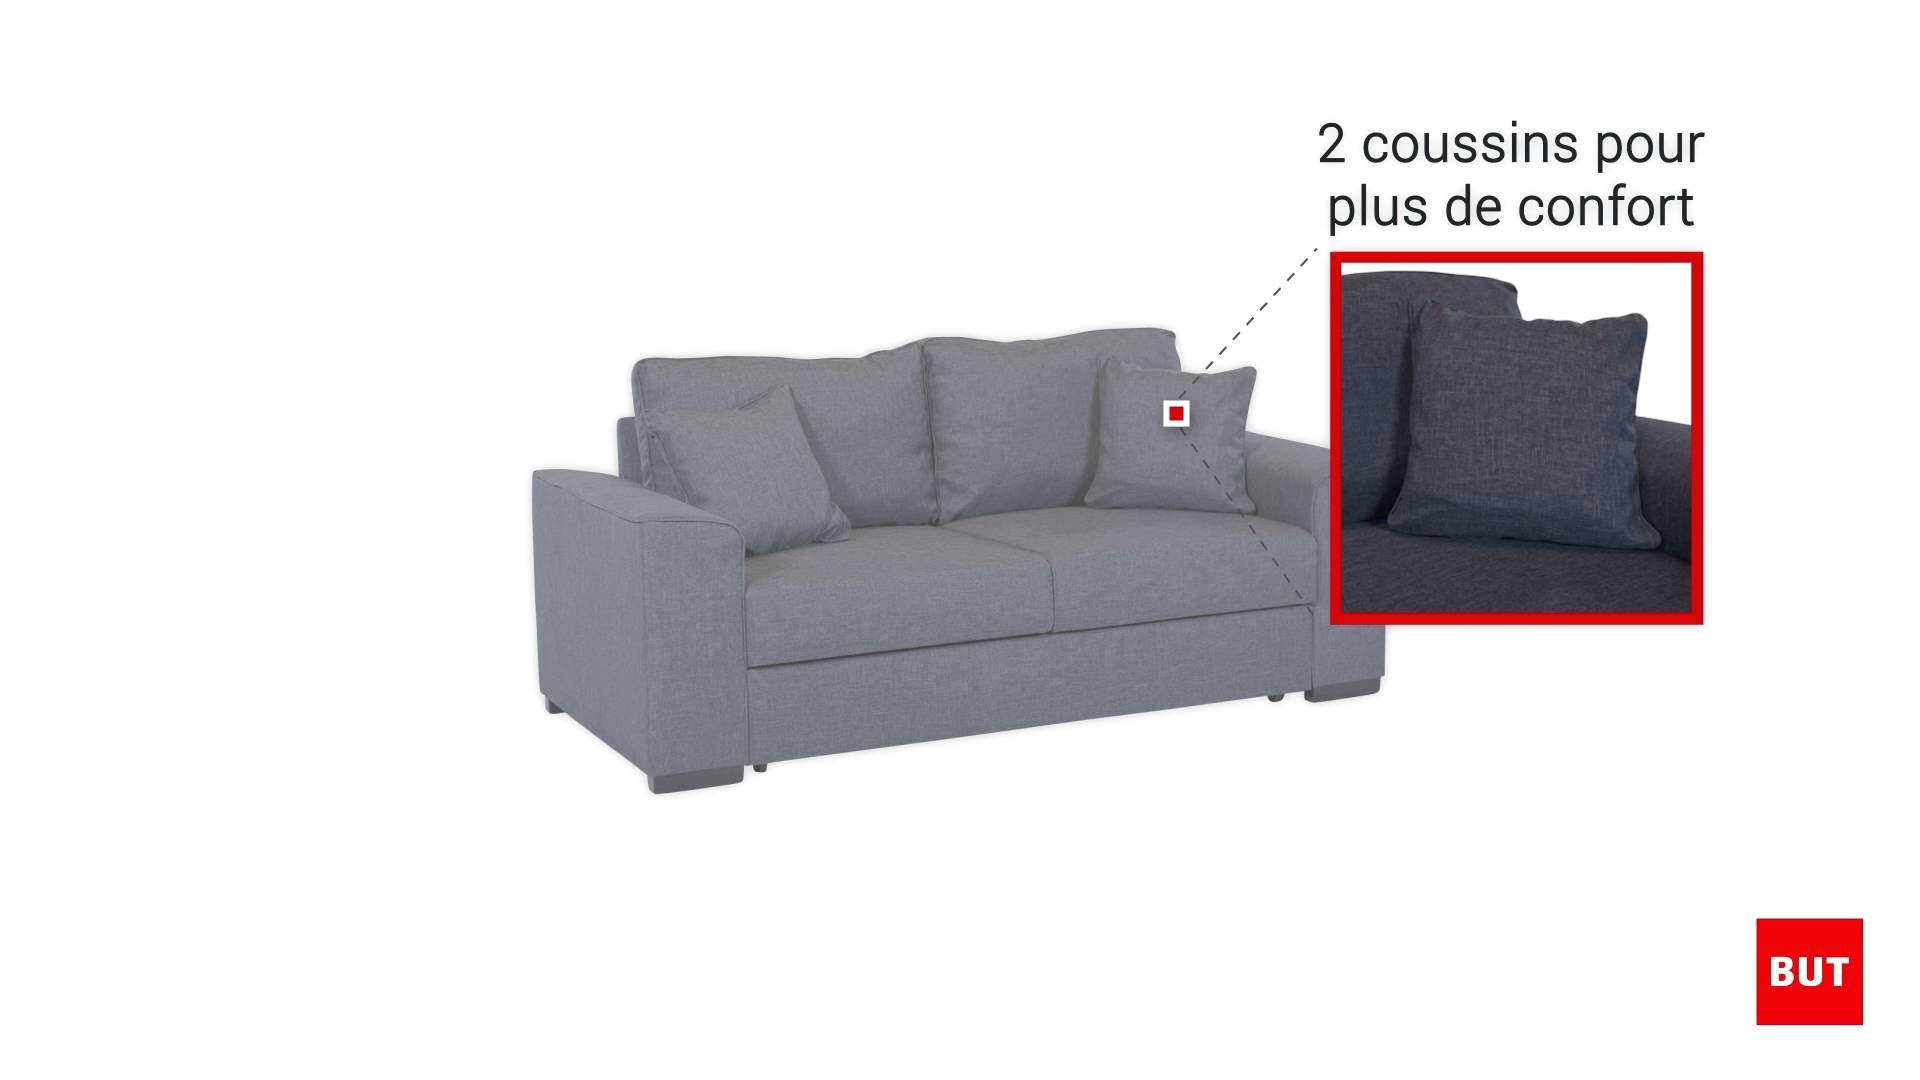 Canapé Convertible Confortable Bultex Meilleur De Collection Clic Clac Matelas Bultex Ides